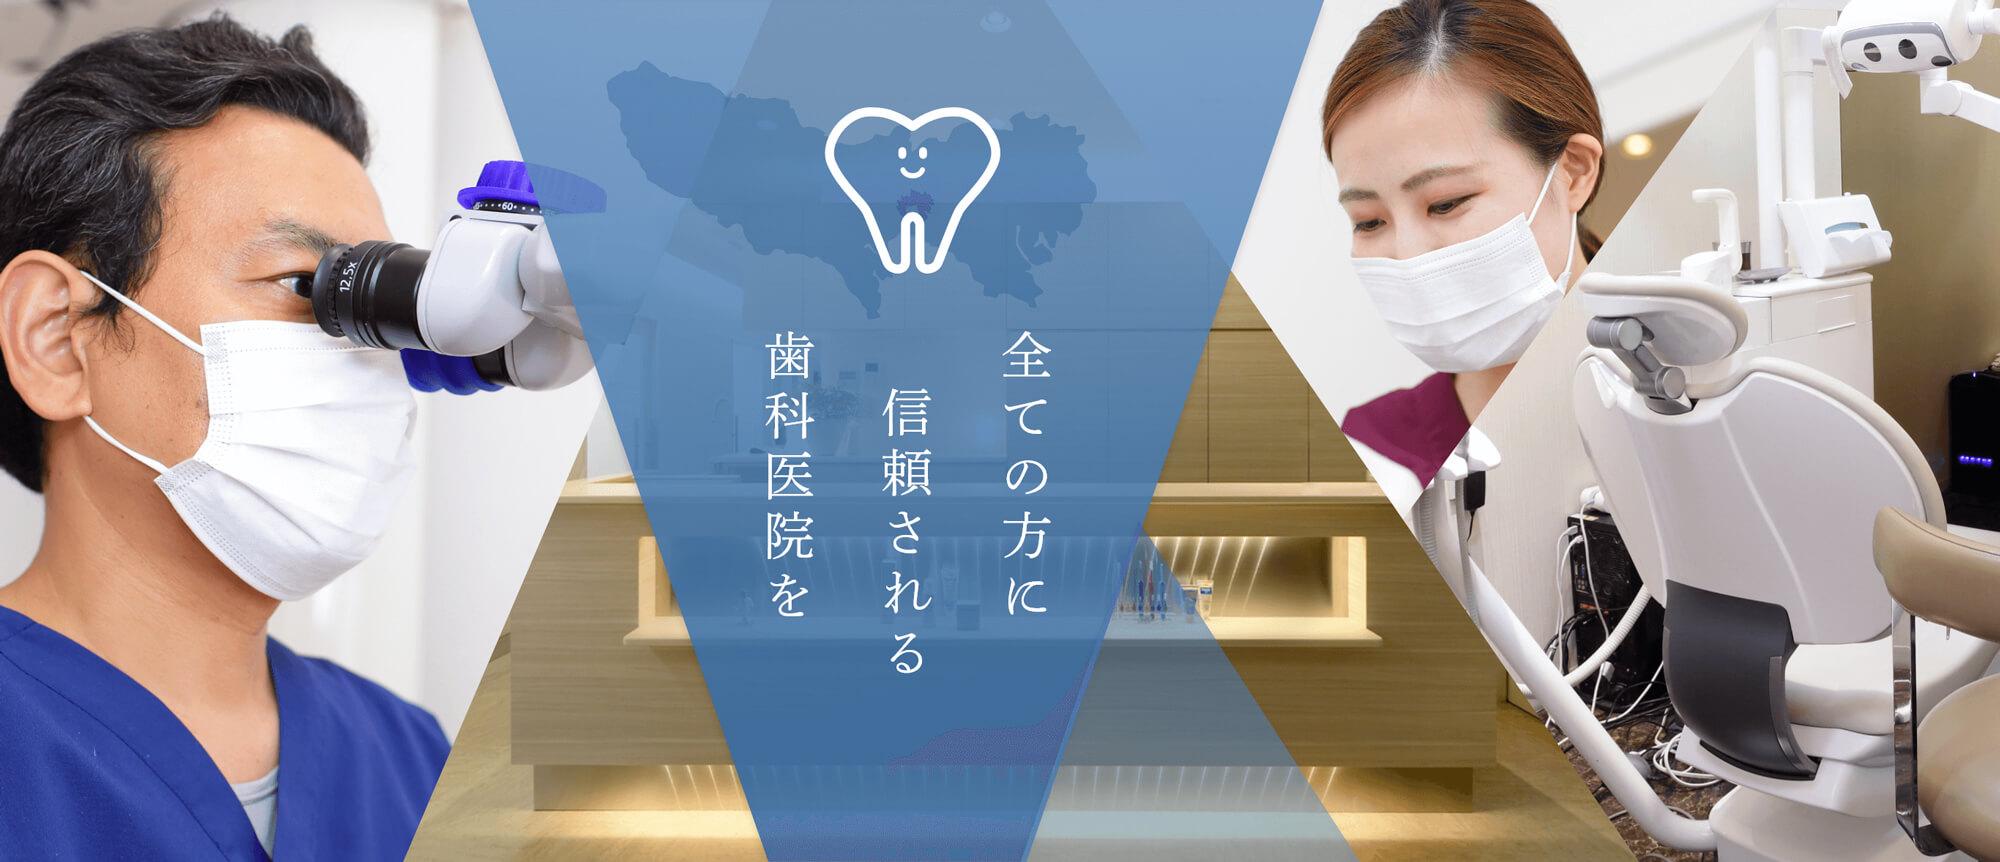 全ての方に信頼される歯科医院を 予防中心なるべく削らないなるべく痛みの少ないお子さんからご年配の方まで